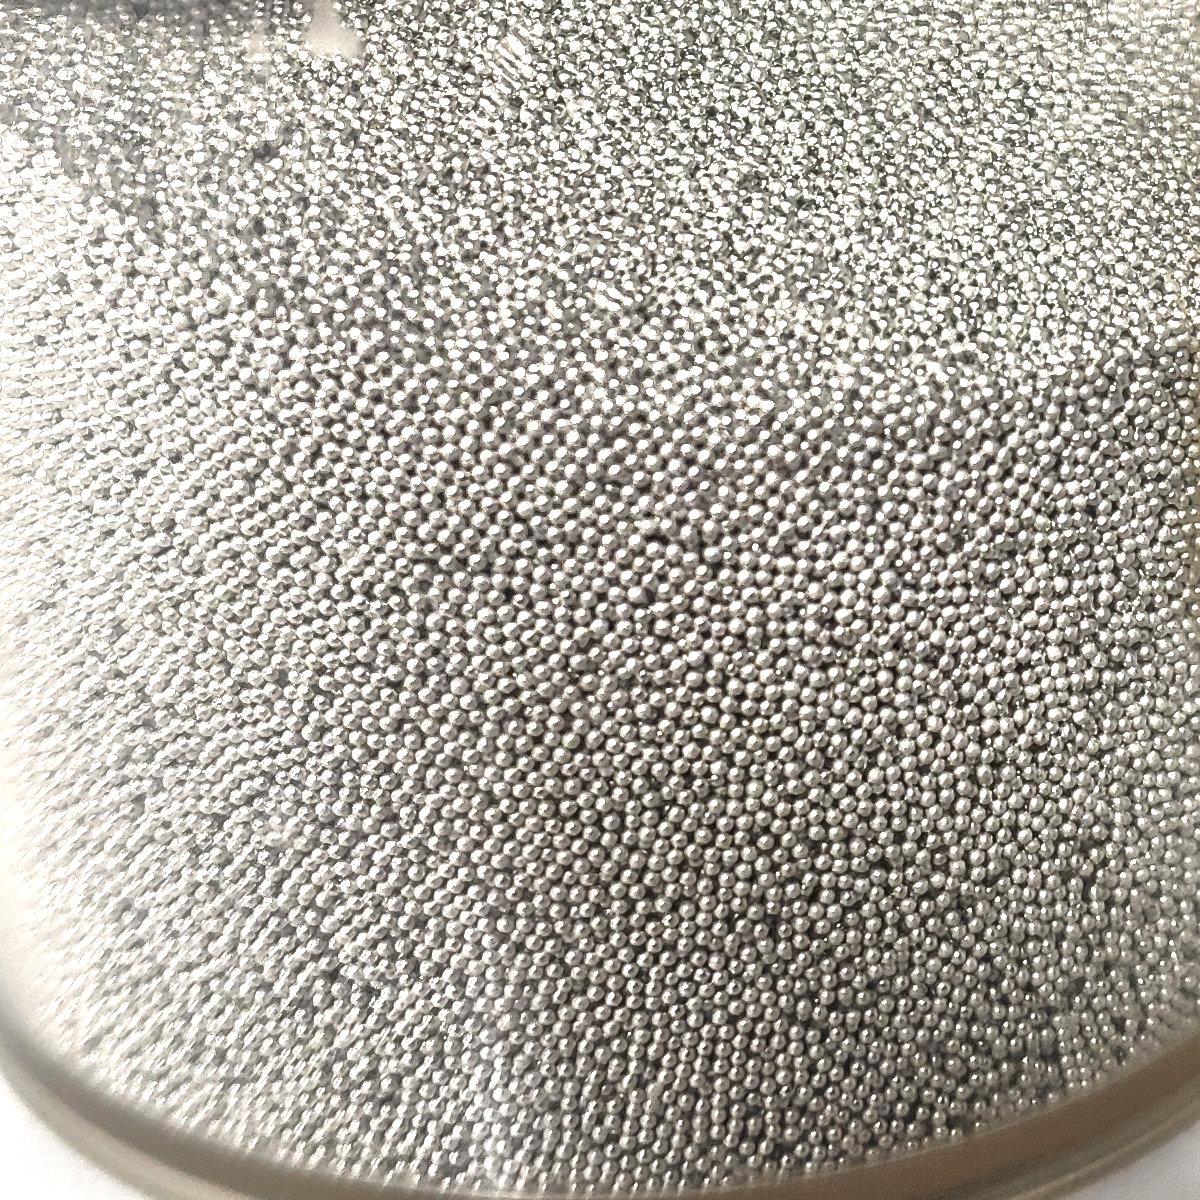 NeVo Solder BGA Sphere